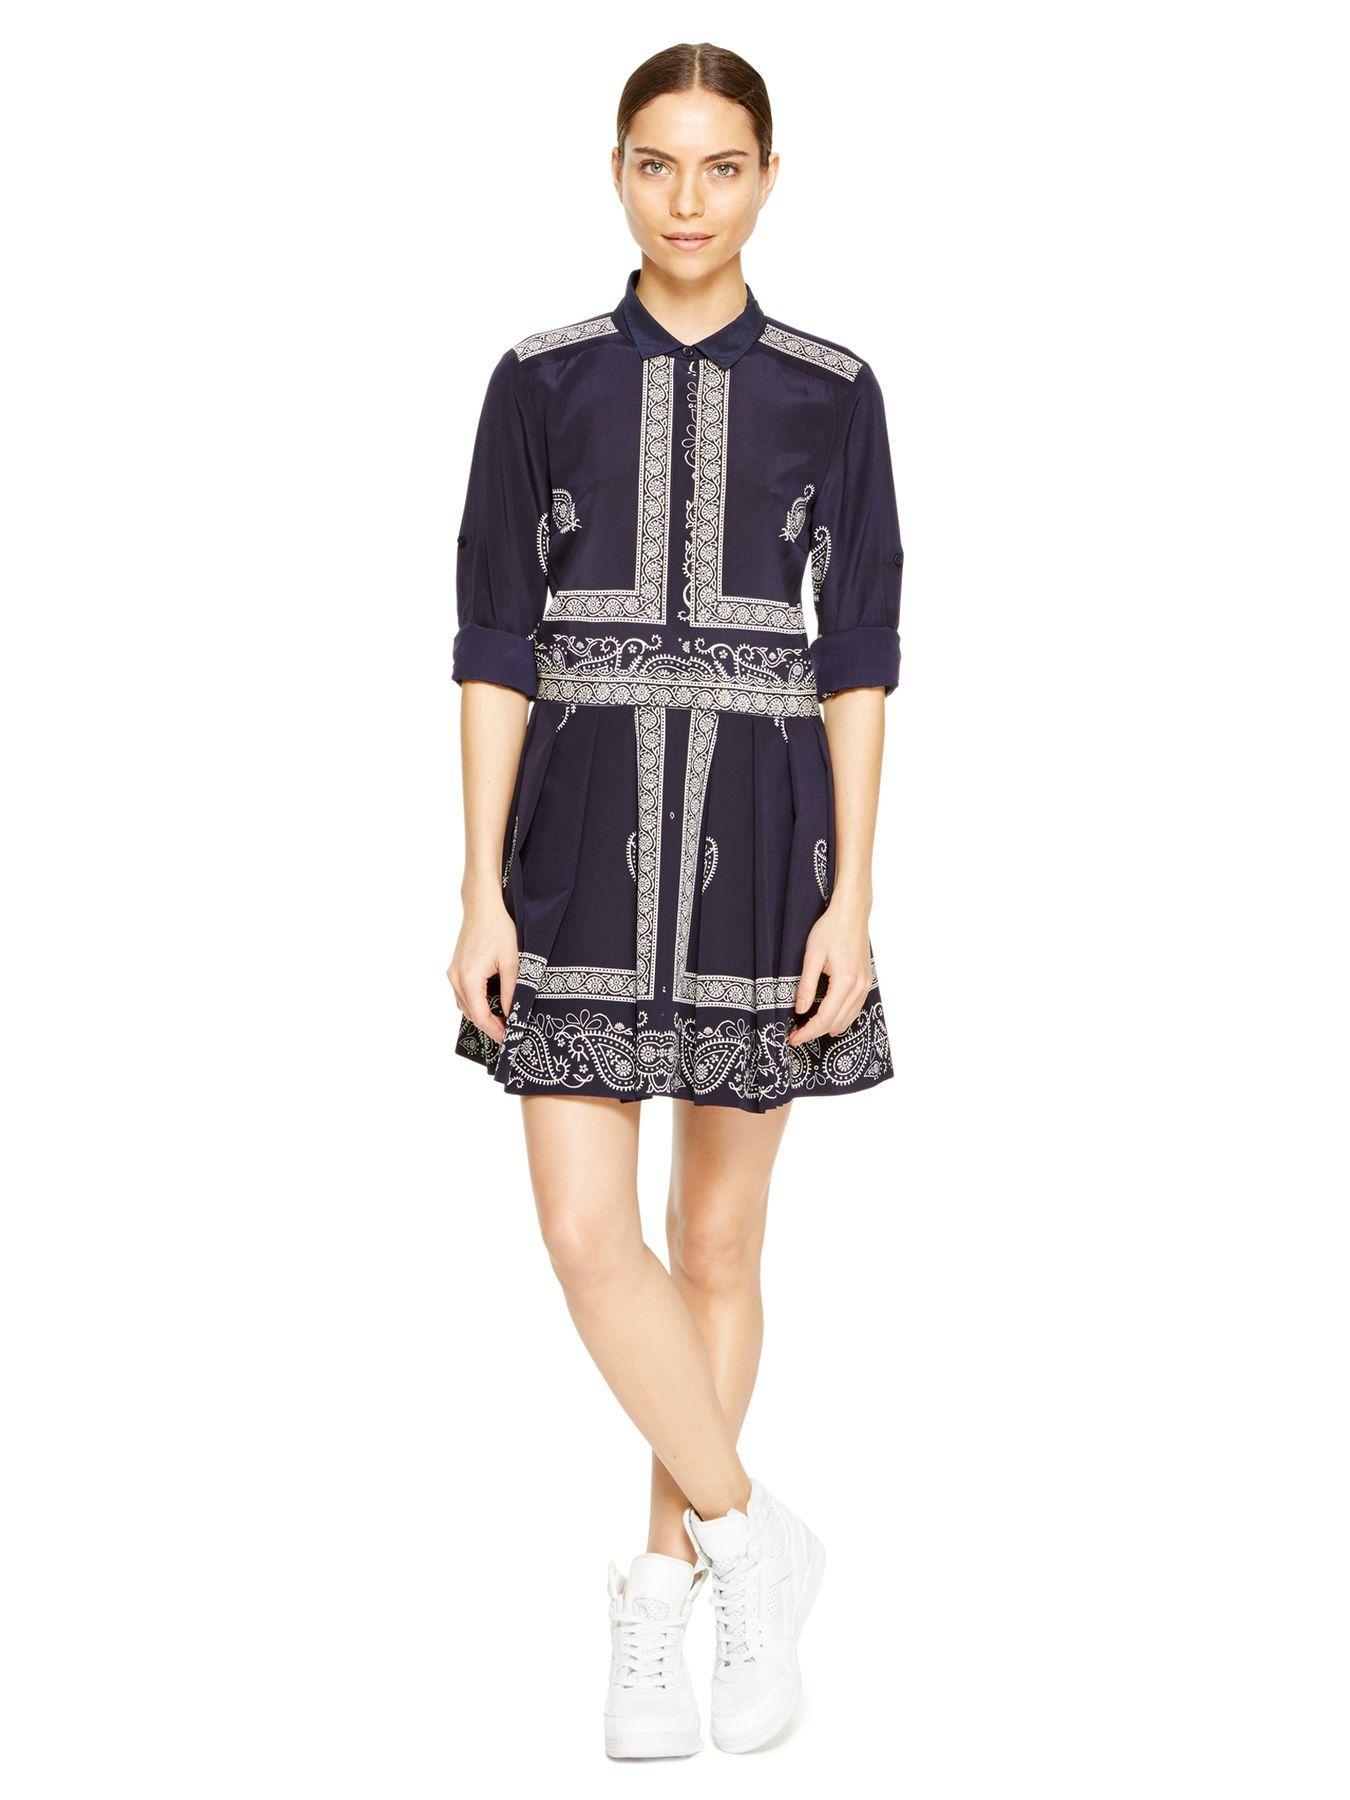 Bandana Print Dress - DKNY